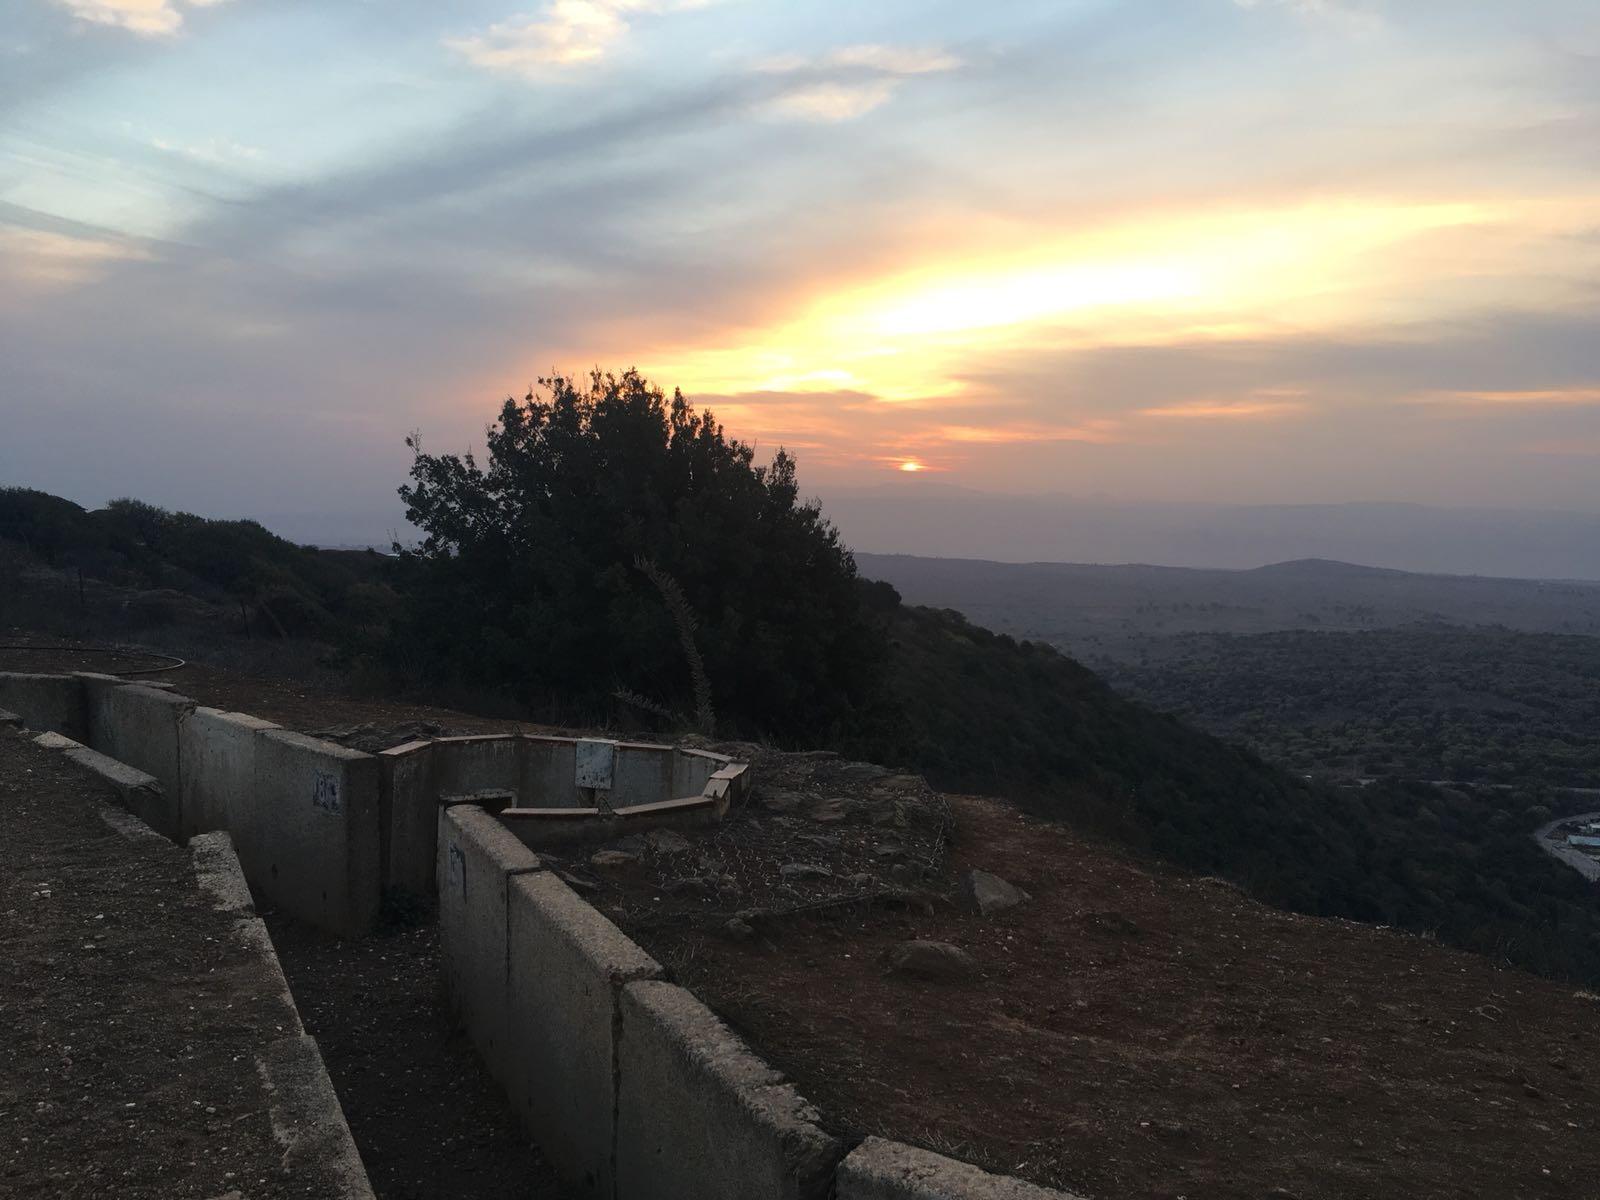 Aurinko laskee Syyriaan israelilaisbunkkerin taakse Israelin miehittämällä Golanilla. Kuva: Niina Nykänen